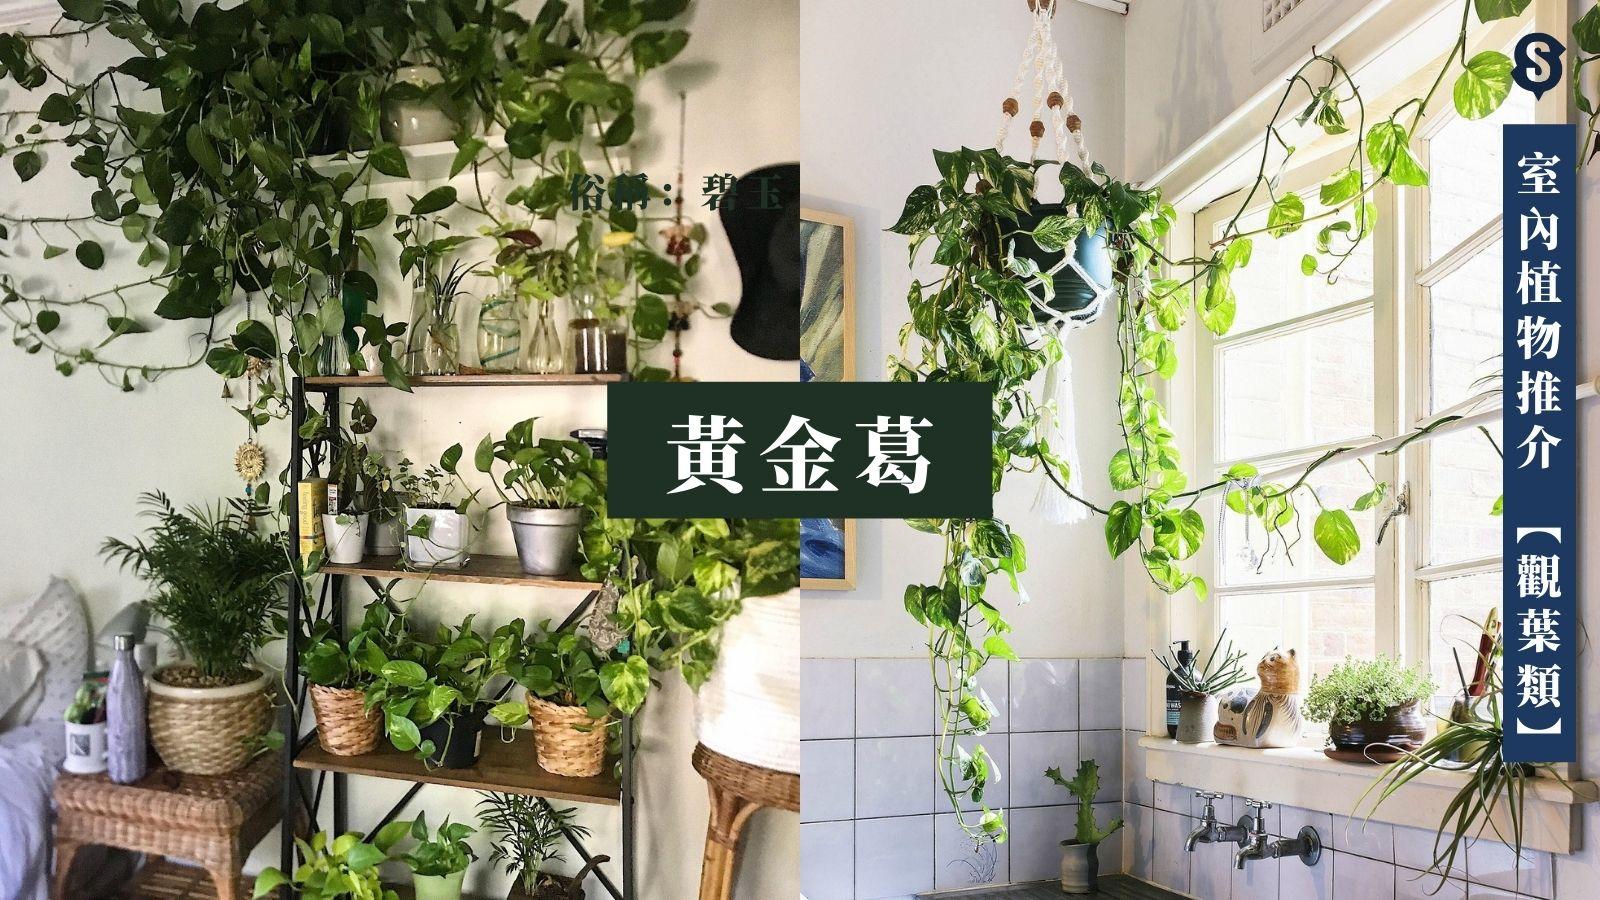 室內植物-黃金葛-室內種植-水種植物